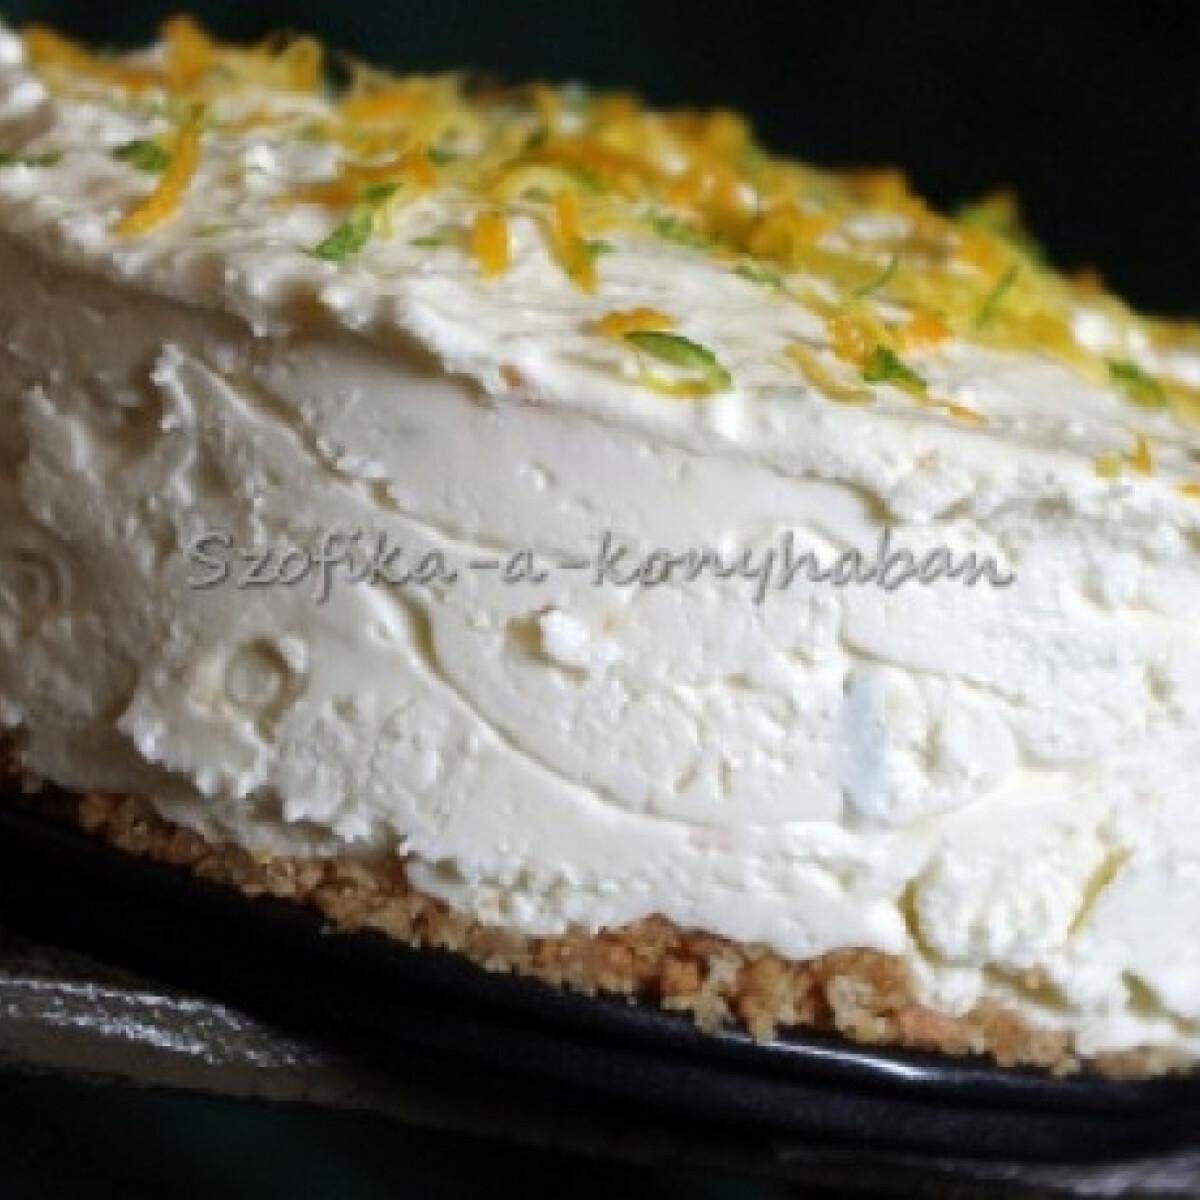 Ezen a képen: Citrusos túrótorta Szofika konyhájából